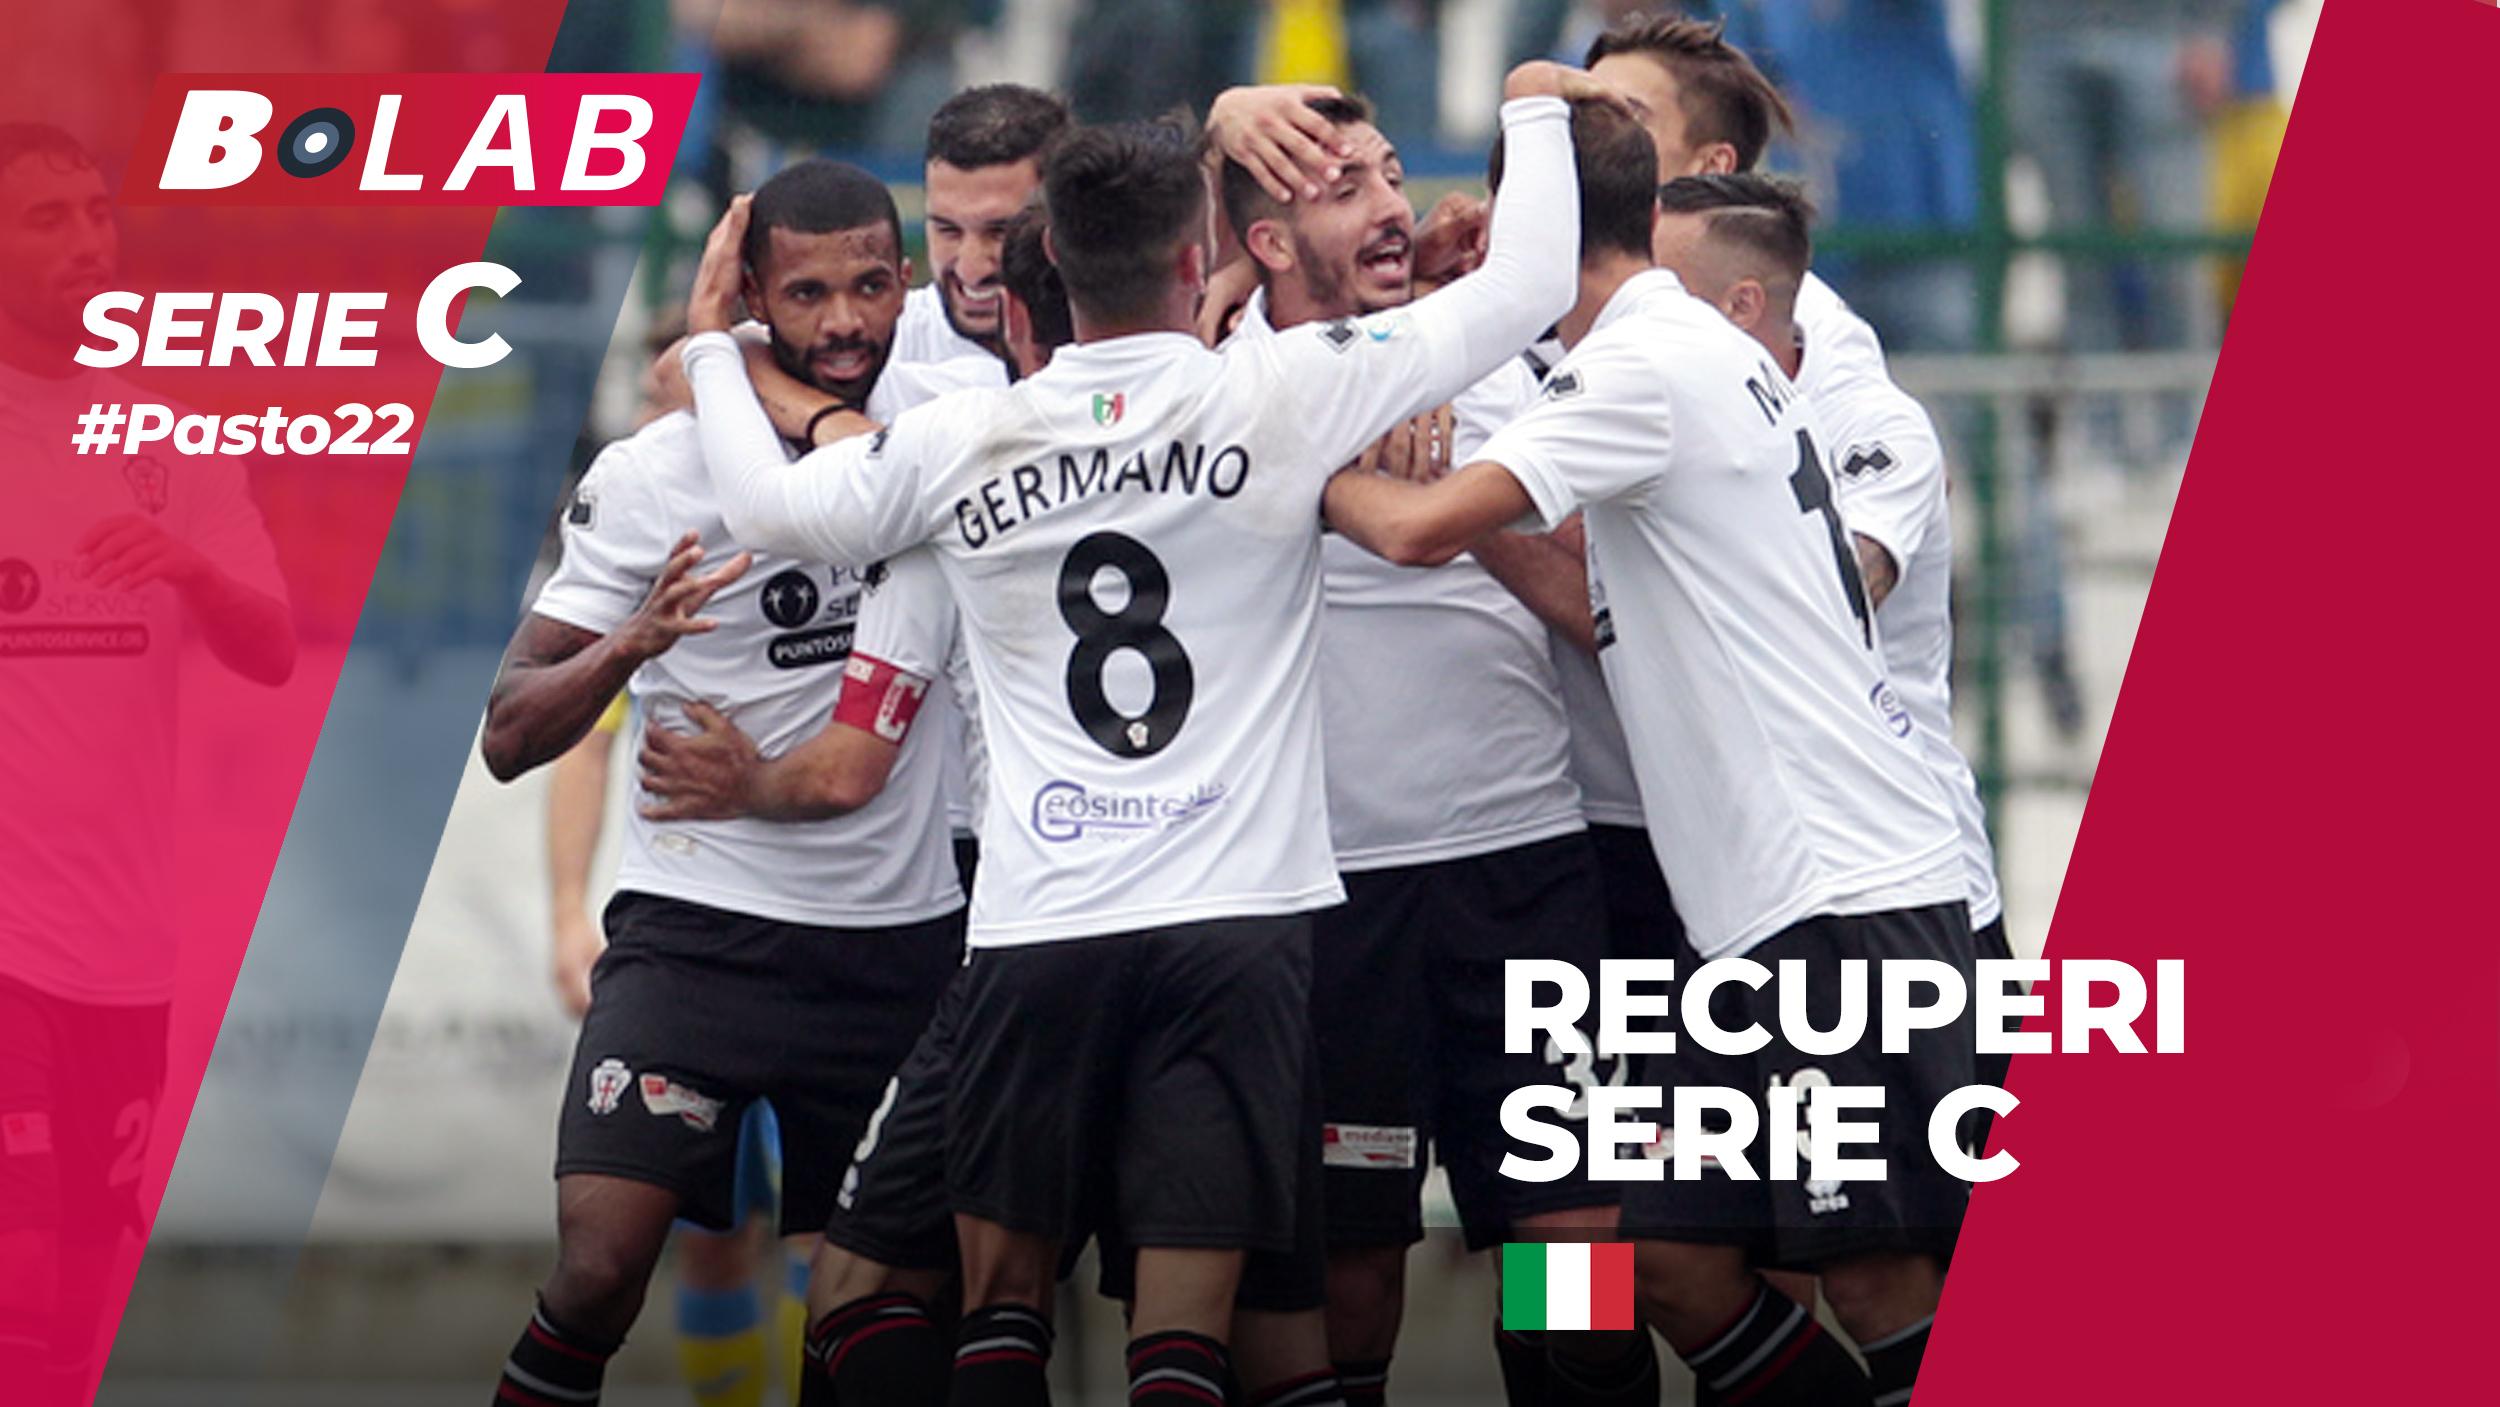 Pronostici Serie C recuperi 20-21 novembre: #Csiamo, il blog di #Pasto22